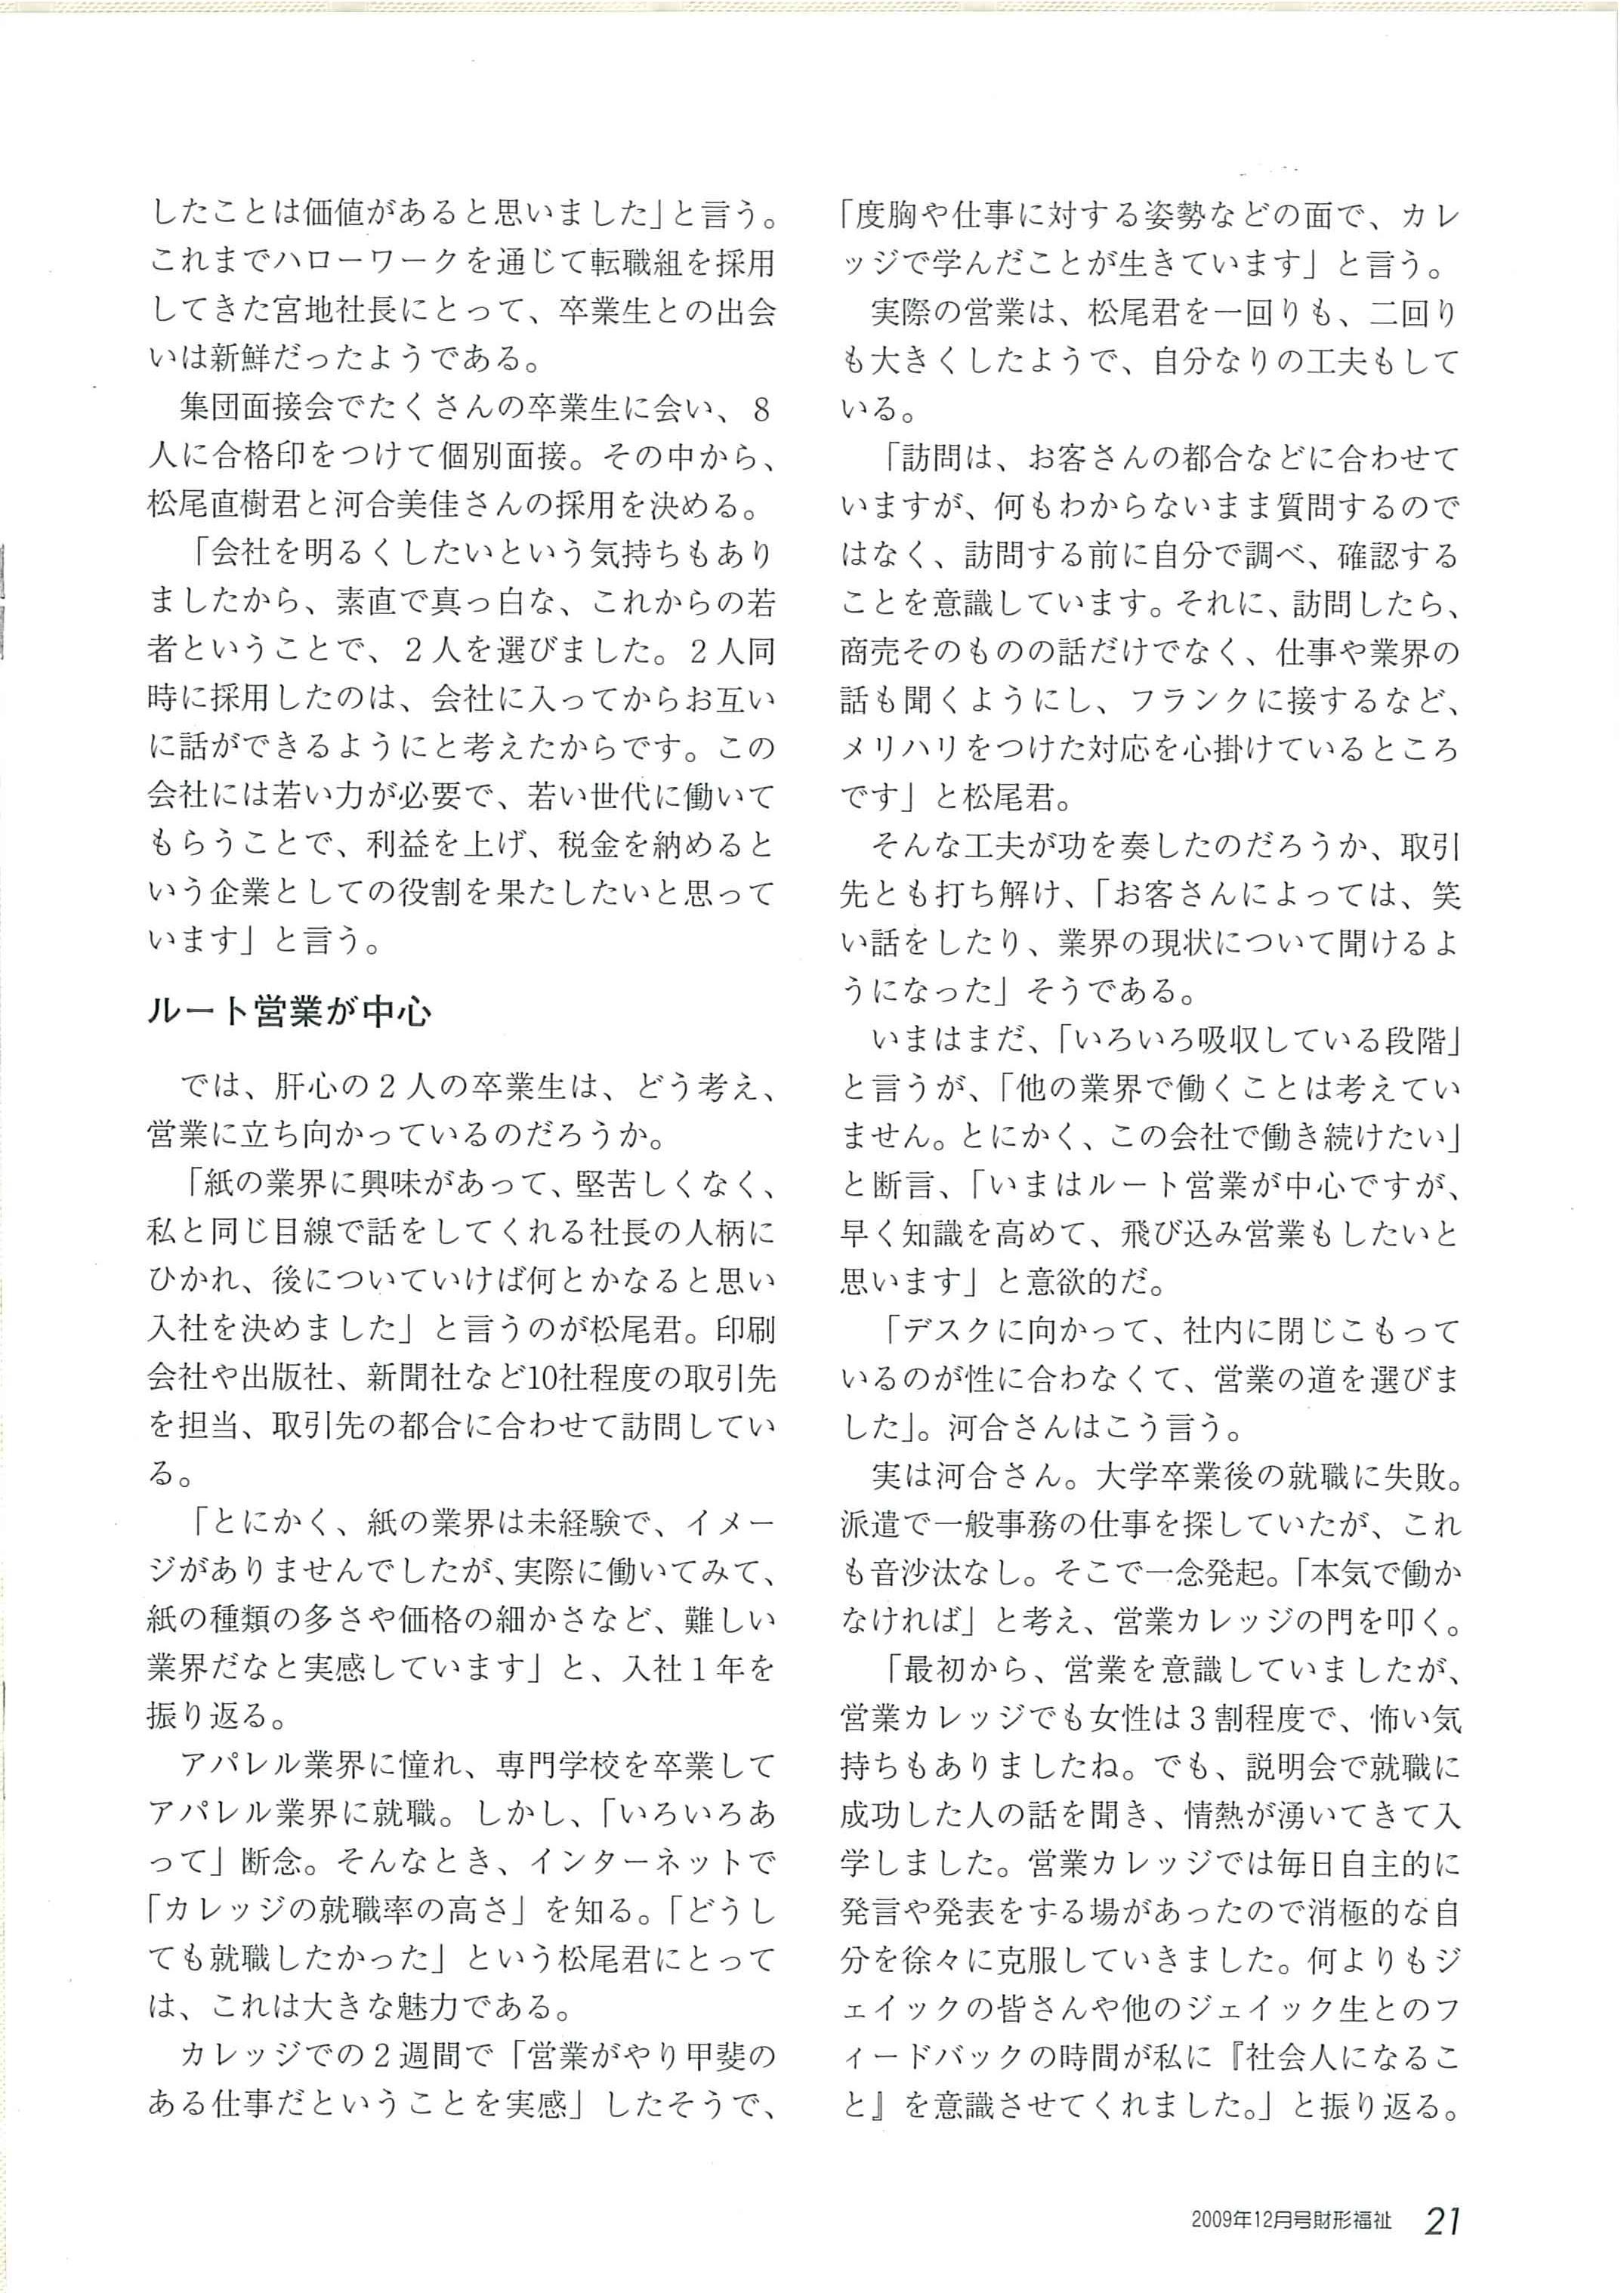 財形福祉 2009年12月号2ページ